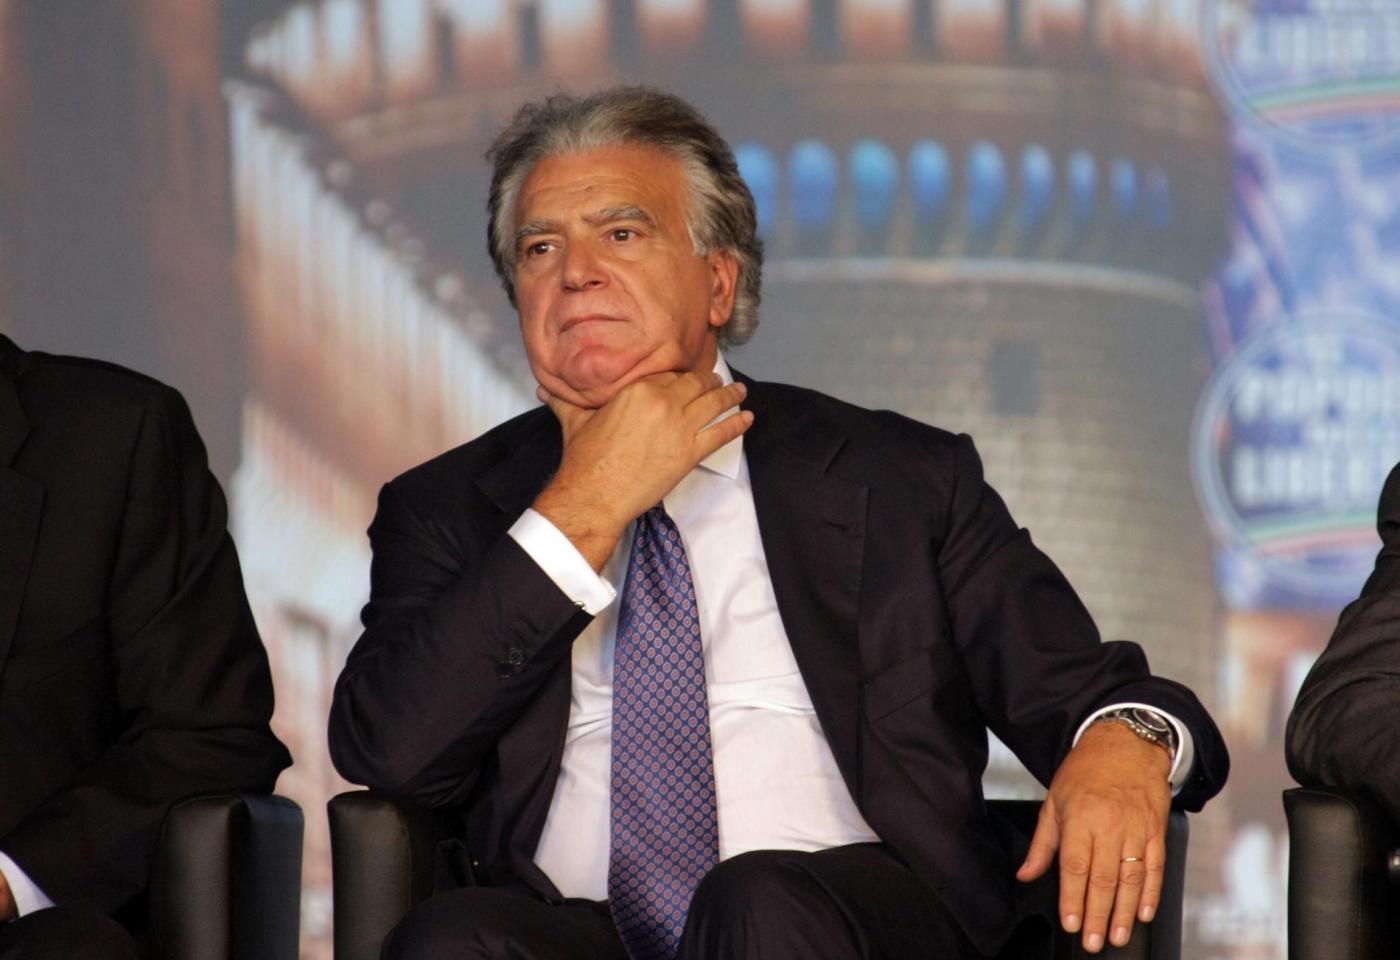 P3, pm:  Marcello Dell'Utri e Denis Verdini vanno processati